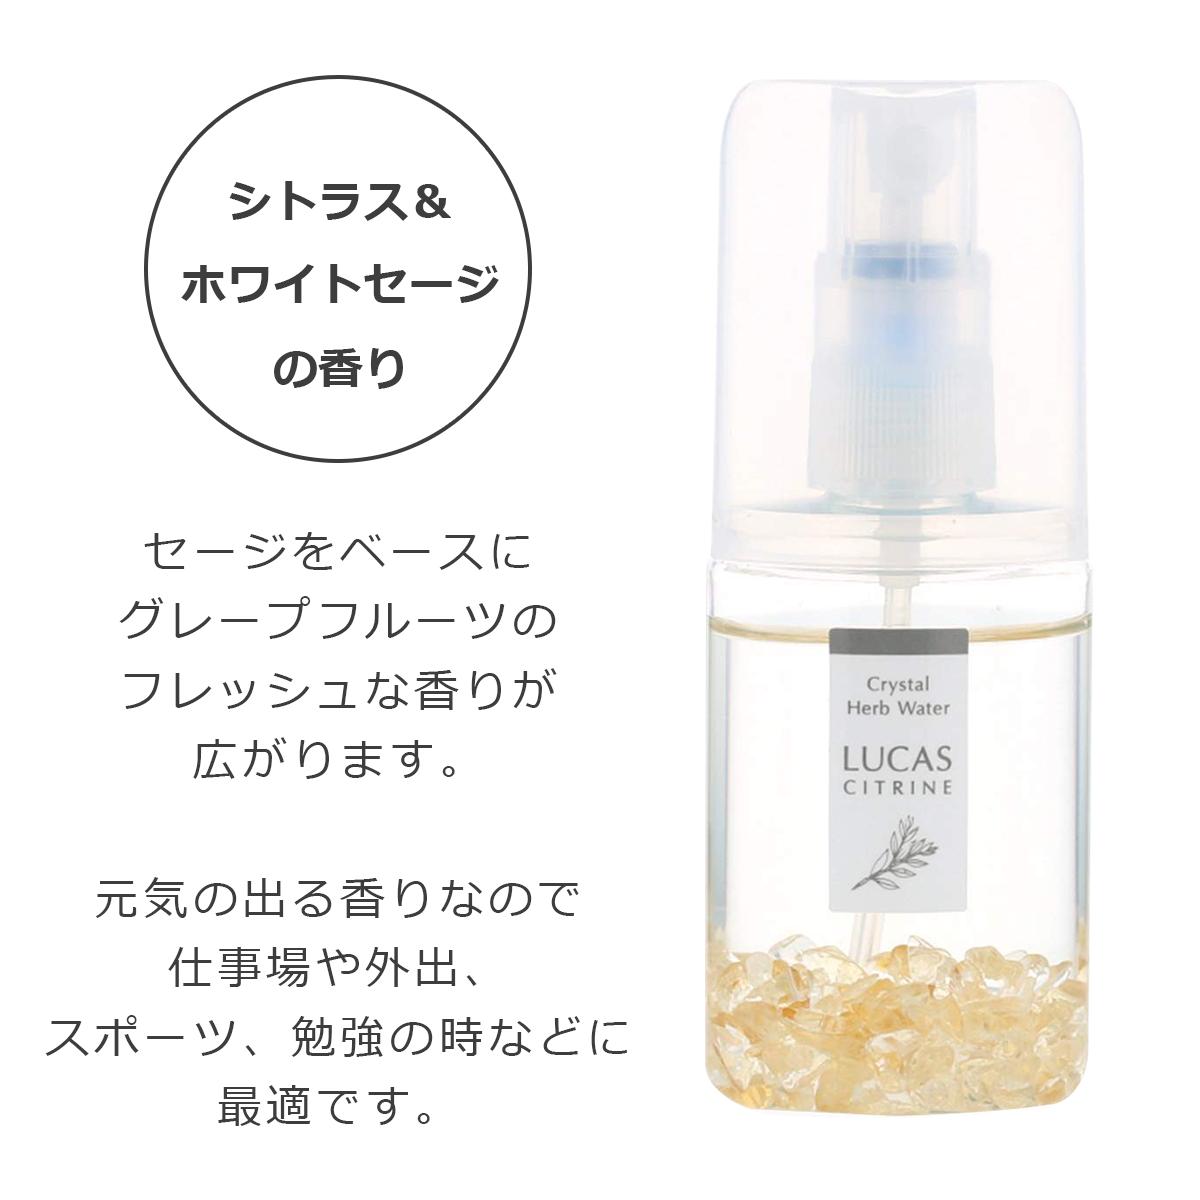 浄化スプレー ポケットルカス 【シトリン】(天然成分100%)